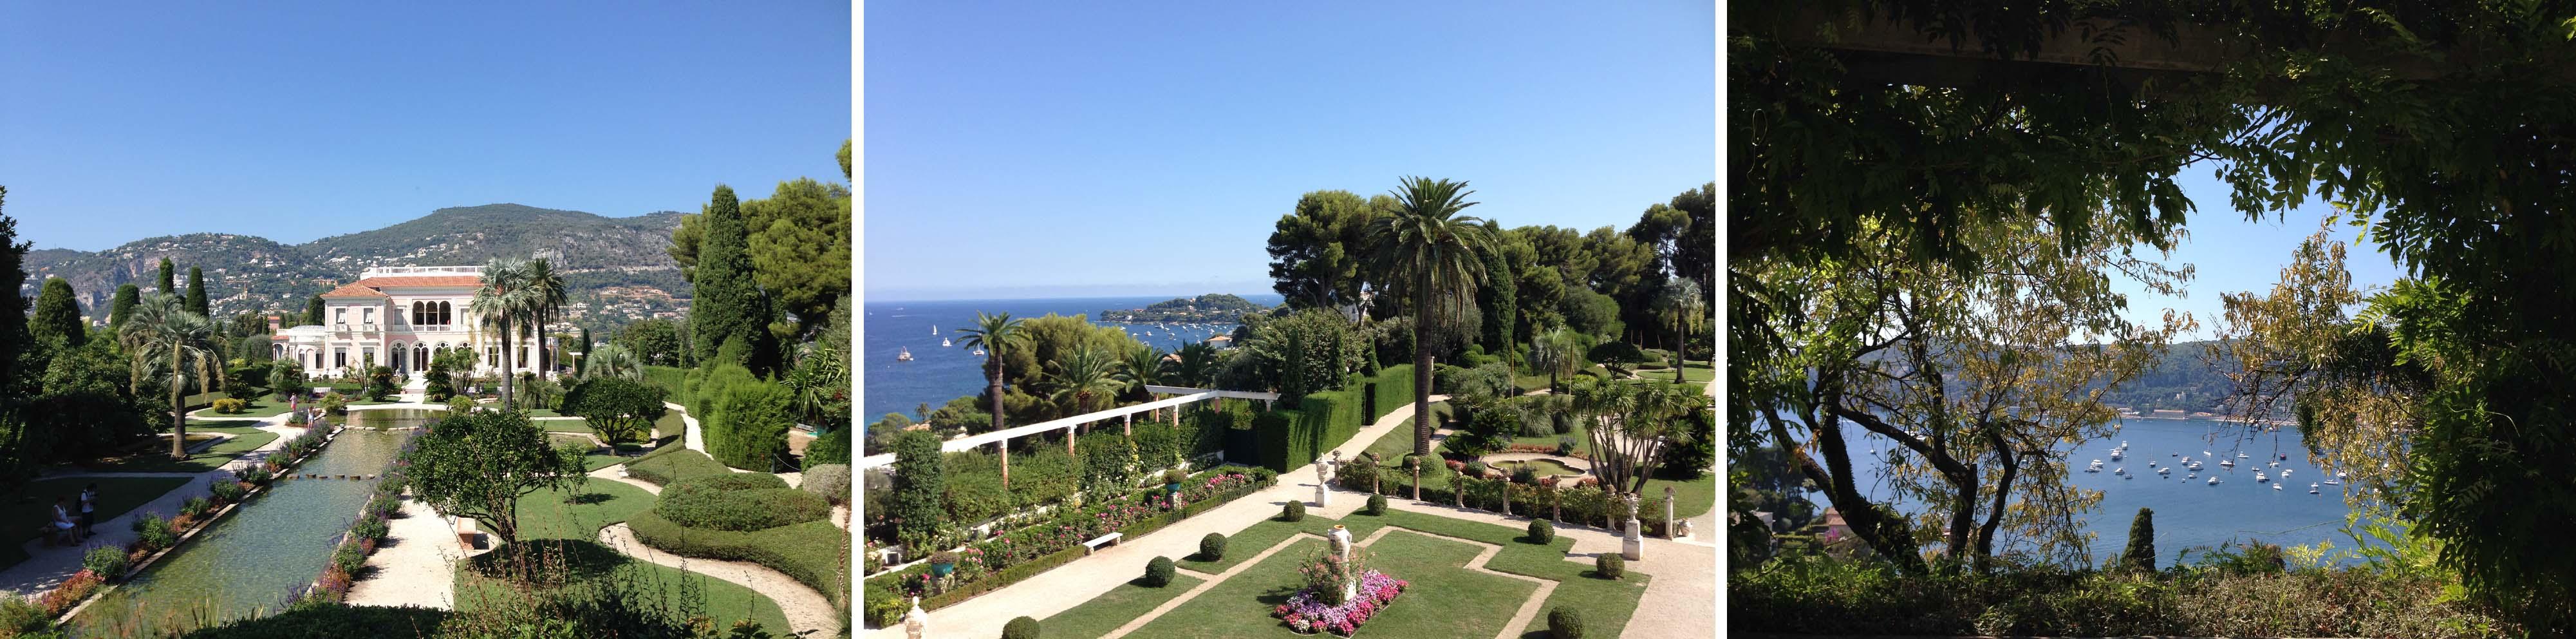 Festival des Jardins de la C´te d Azur 2017 une ballade